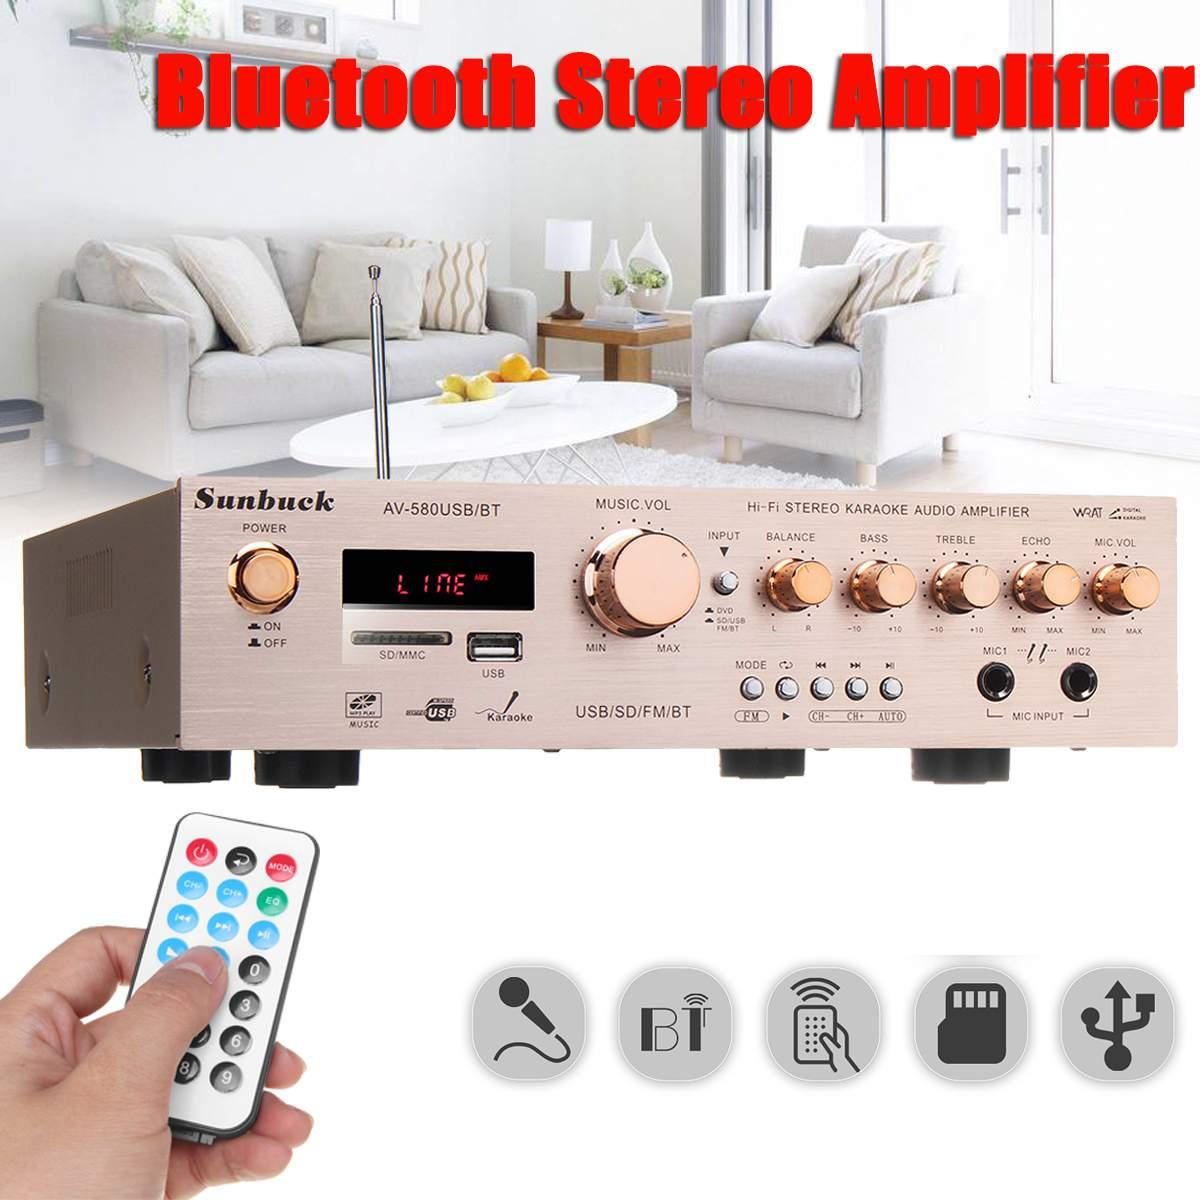 920 W 220 V 5CH AV Stereo Amplificador de Som Surround de Alta Fidelidade do bluetooth FM Karaoke Home Cinema Home Theater Amplificadores